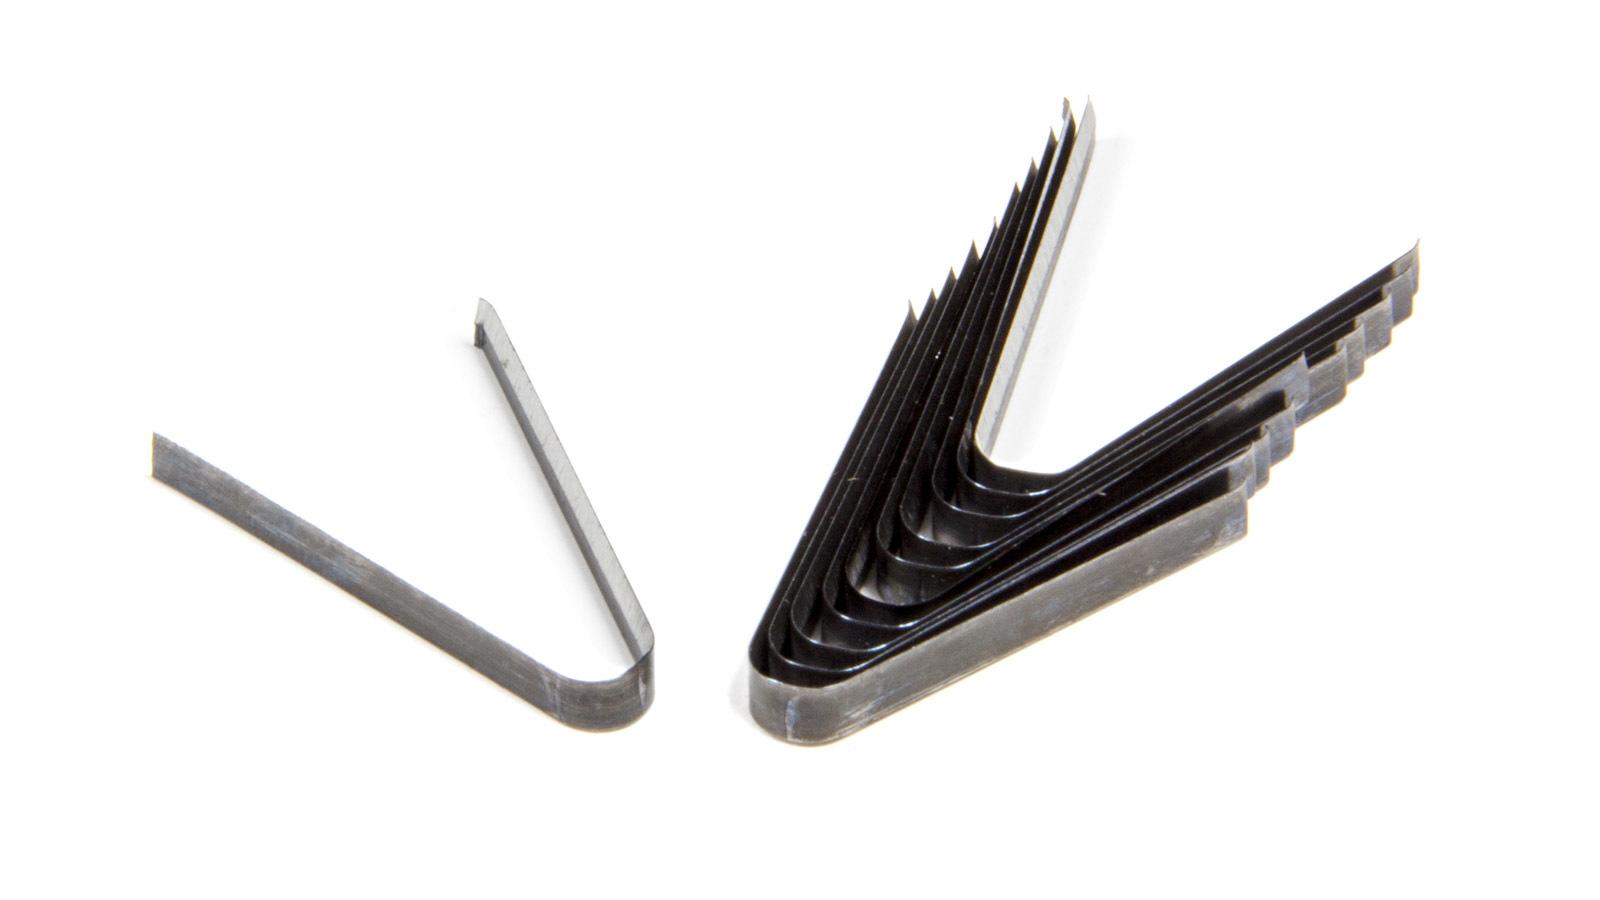 #3 Standard Blades (12) Round